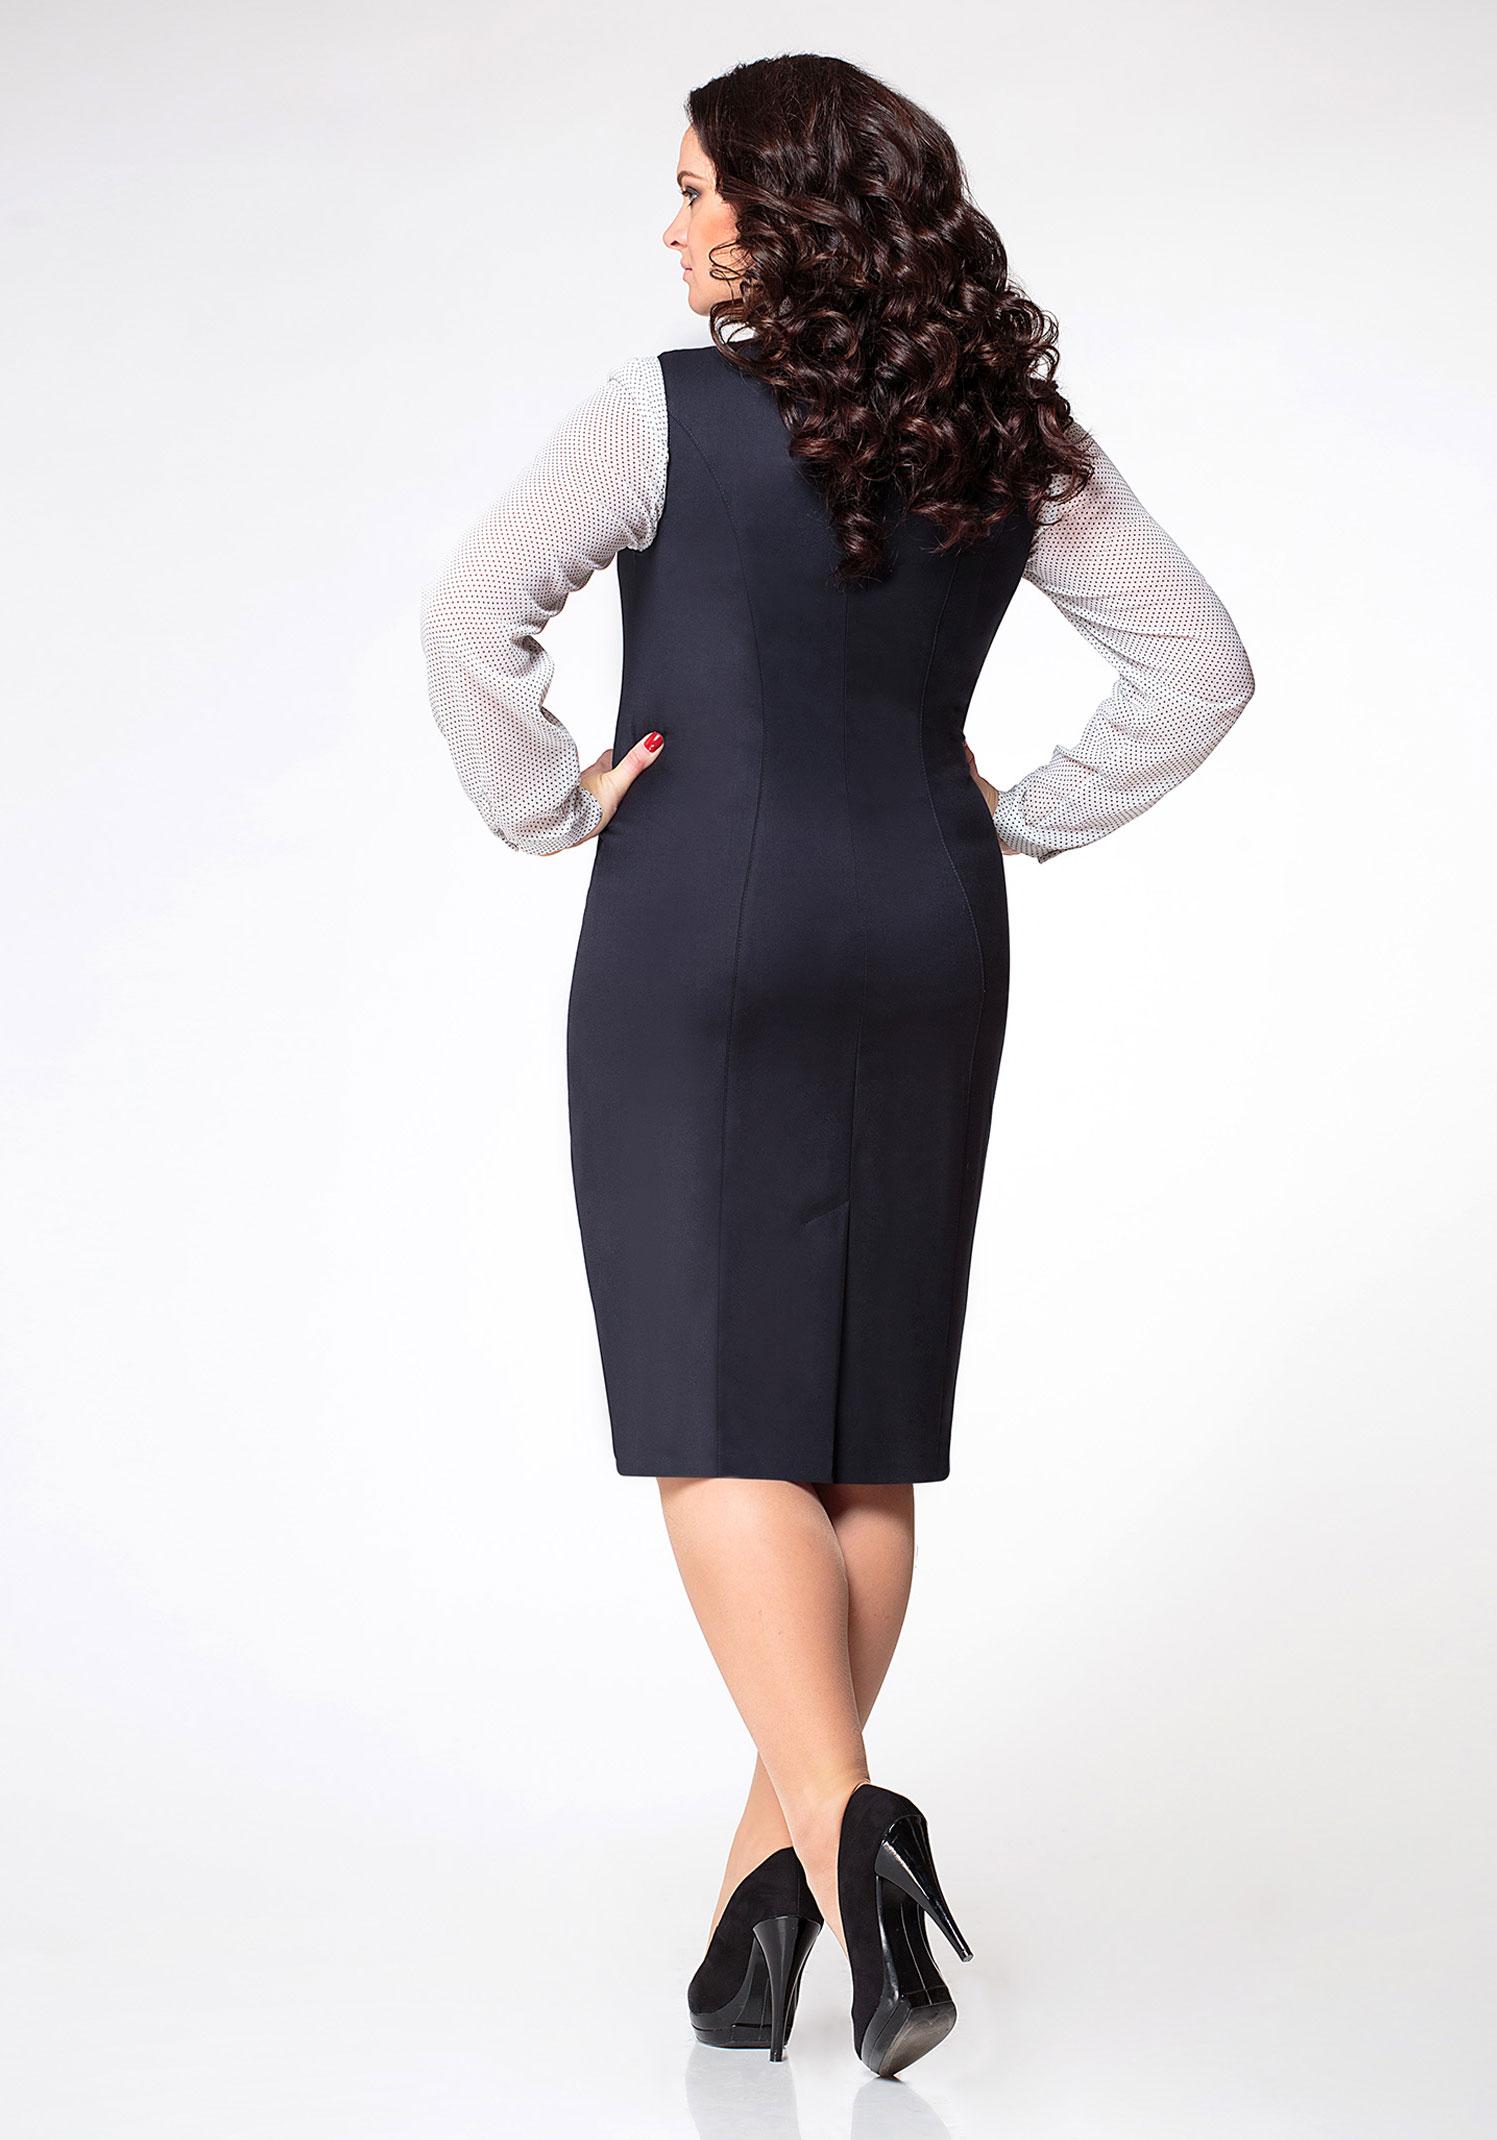 Платье-сарафан повседневное. Модель 335380b